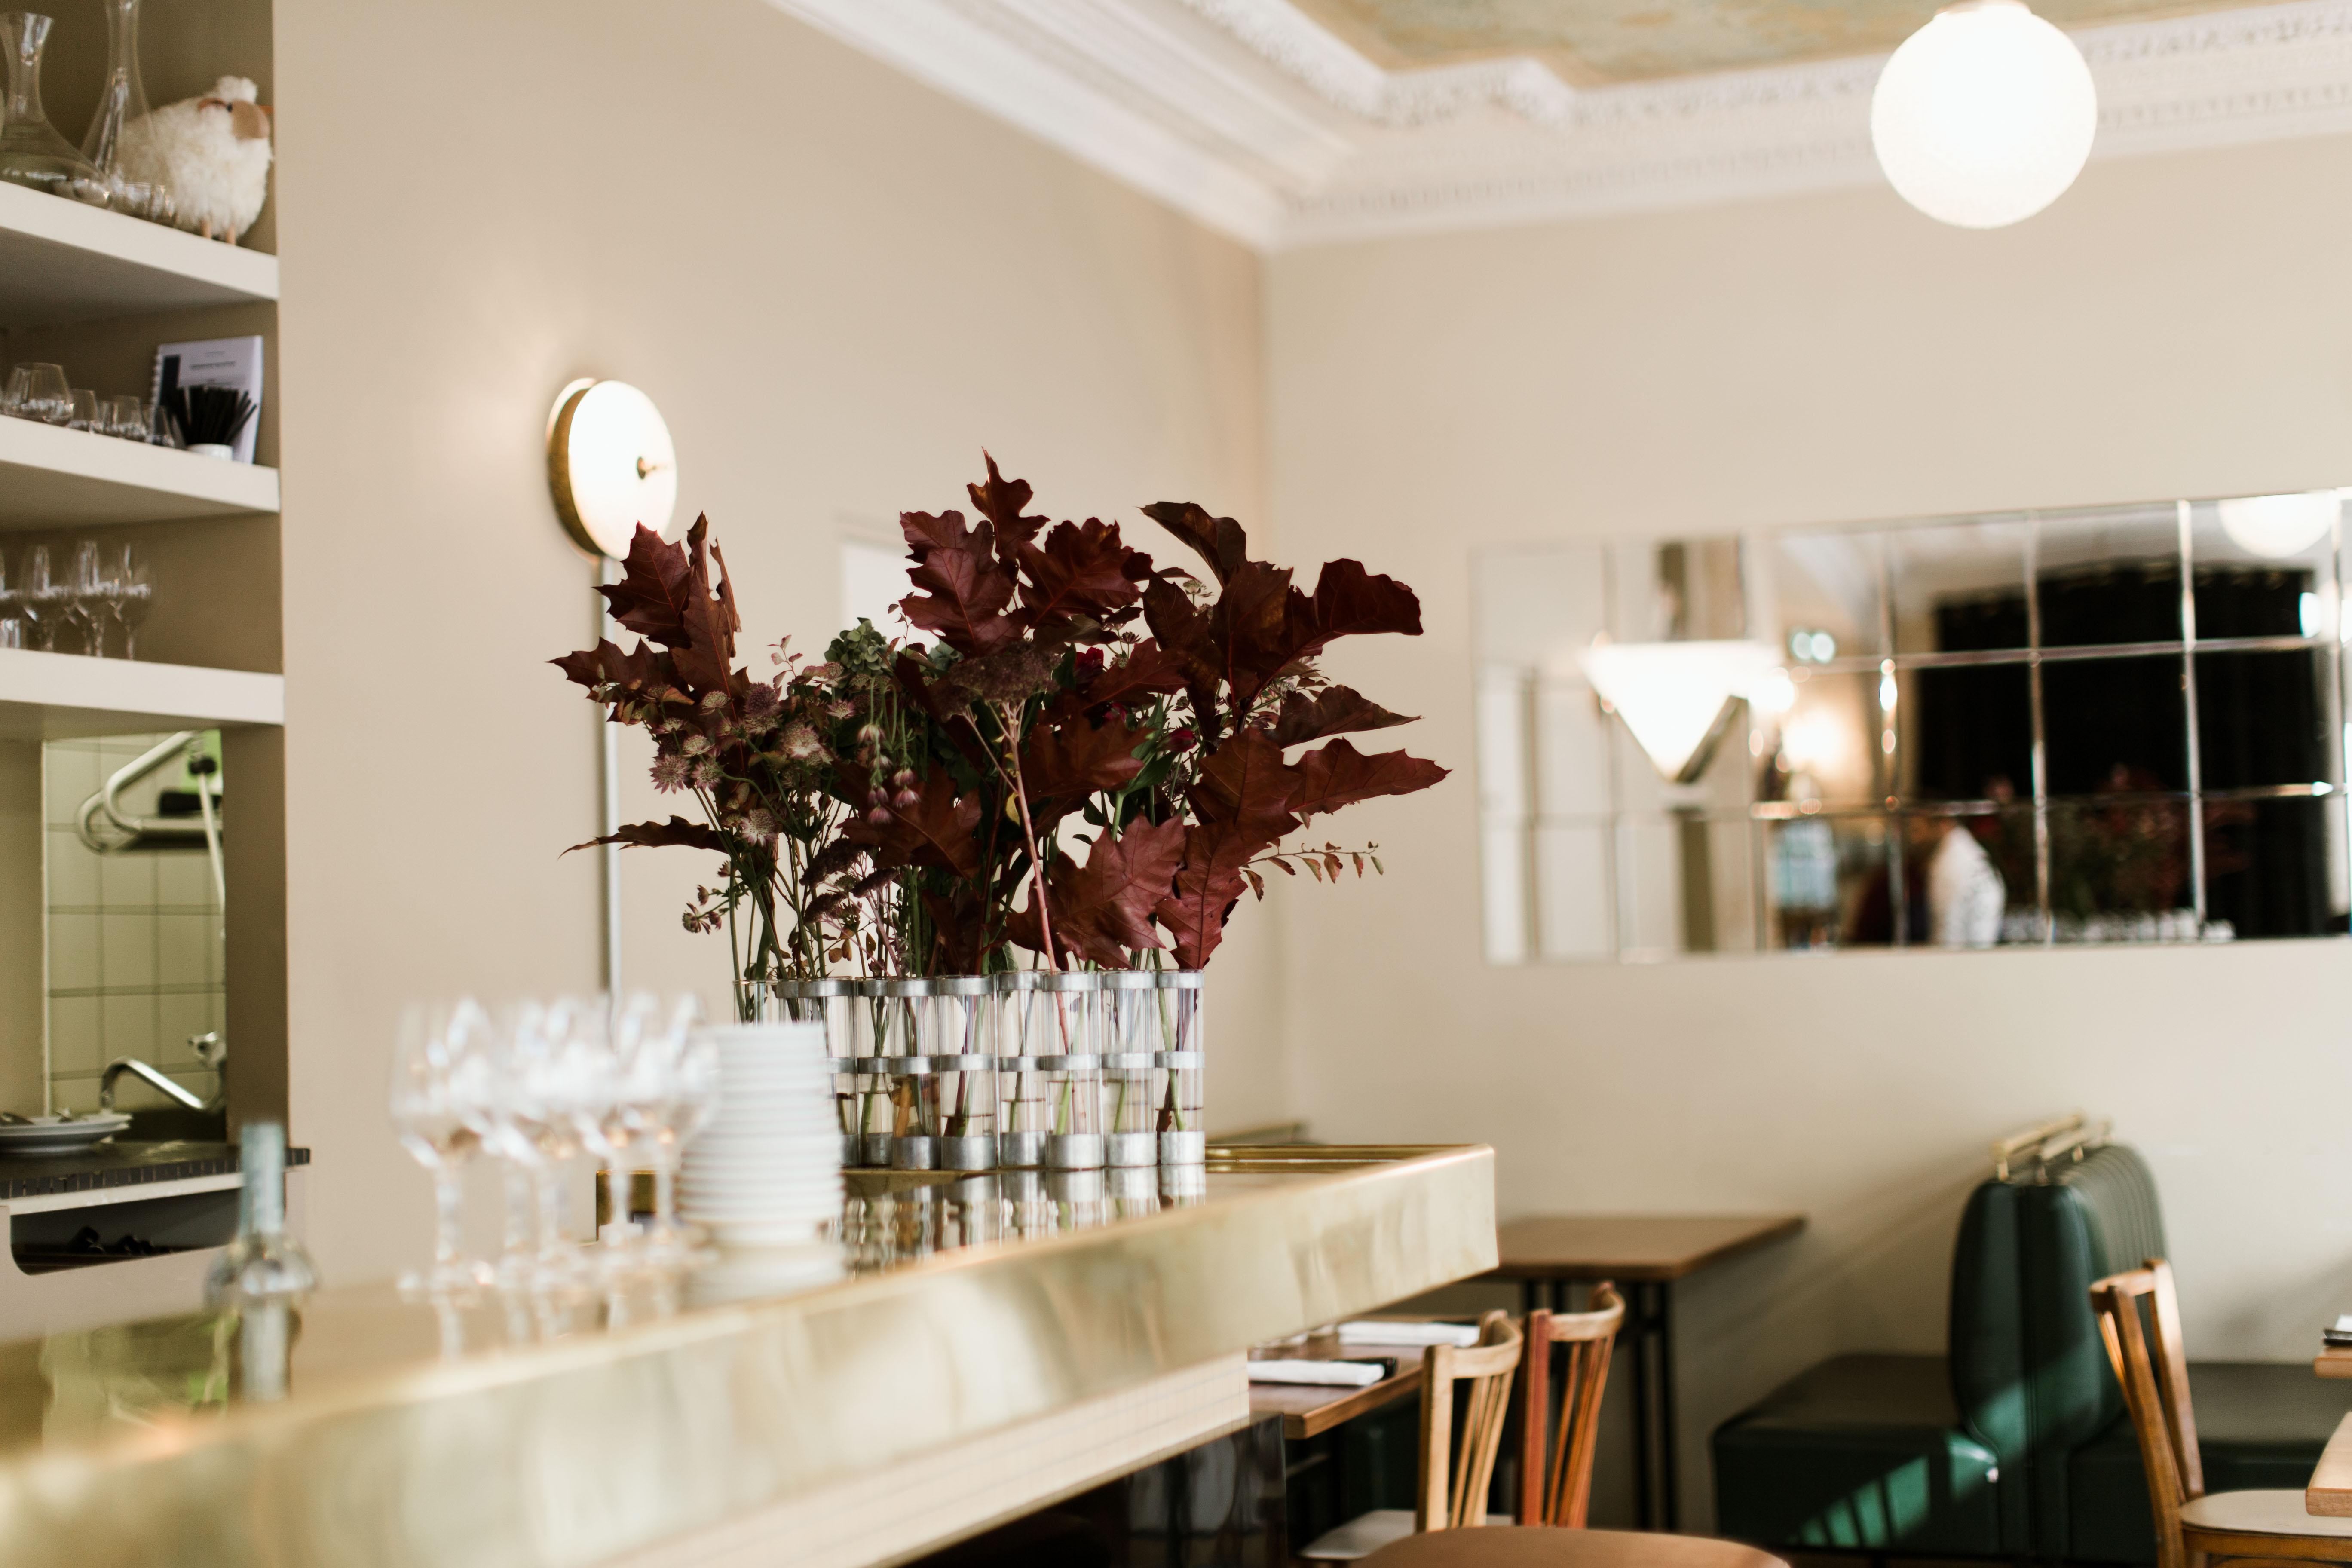 RestaurantNeobistrot-8351